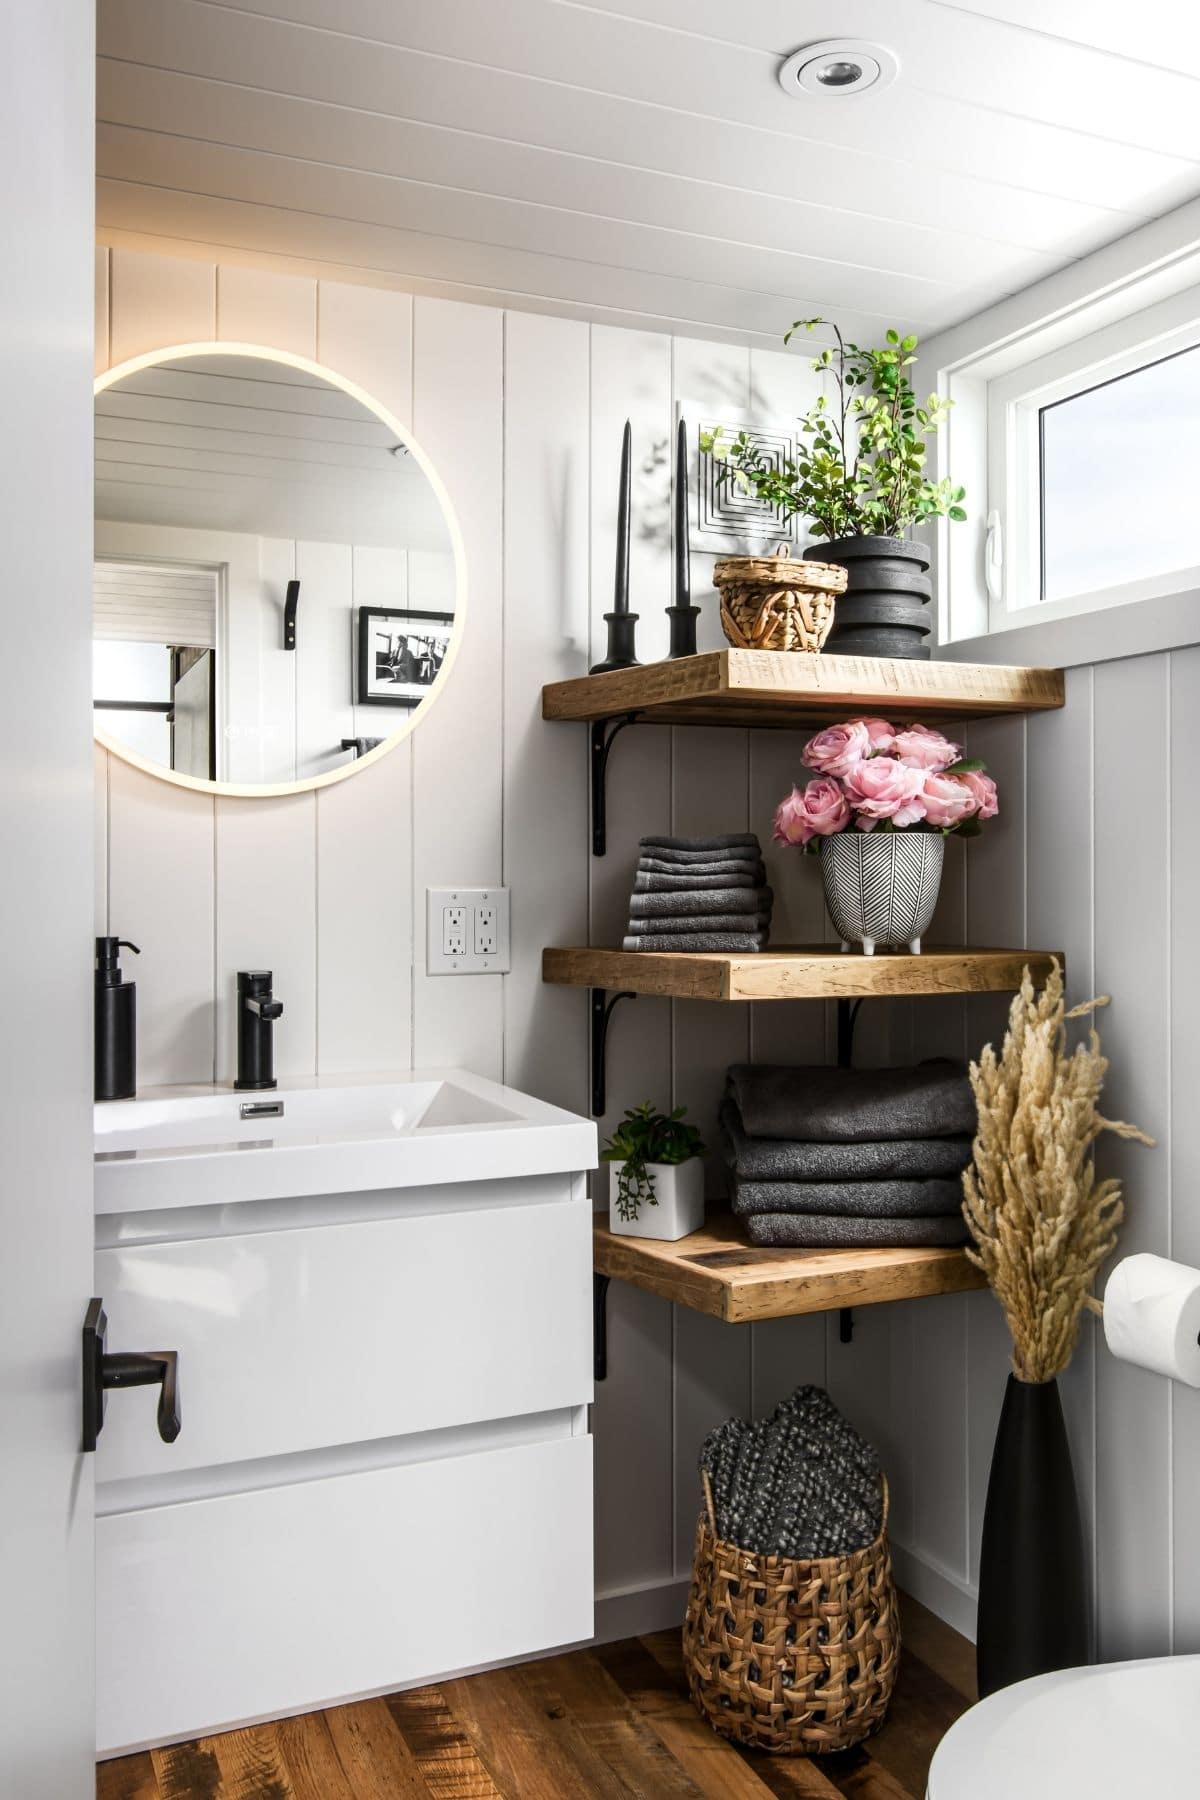 White vanity below round mirror next to open wood shelf in bathroom